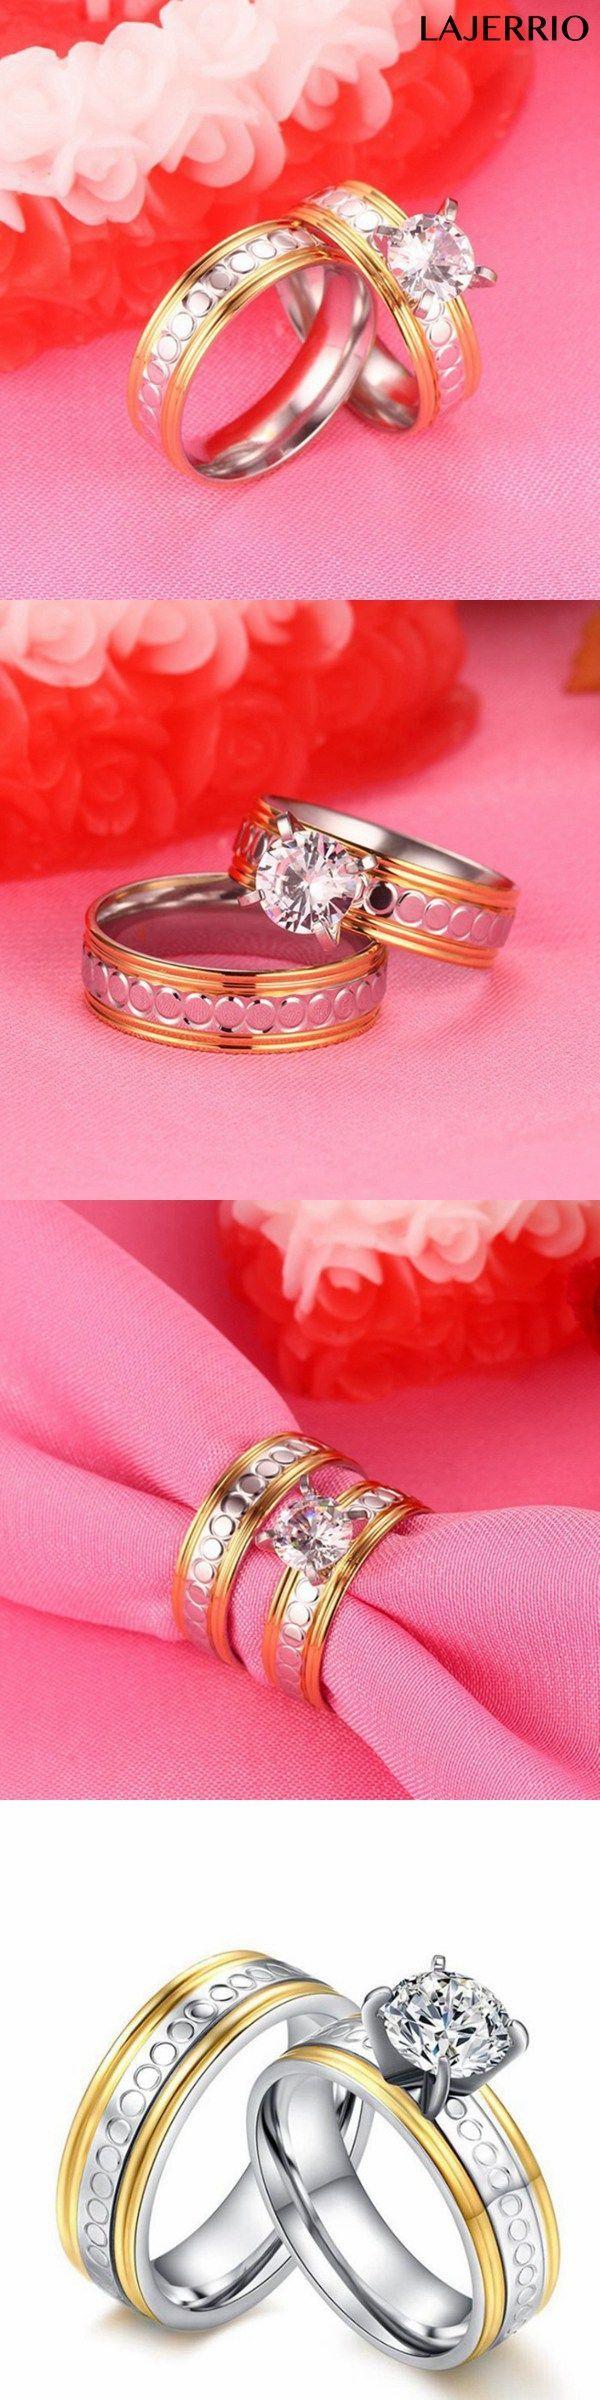 Lajerrio Jewelry Round Cut White Sapphire Gold & Silver Titanium ...